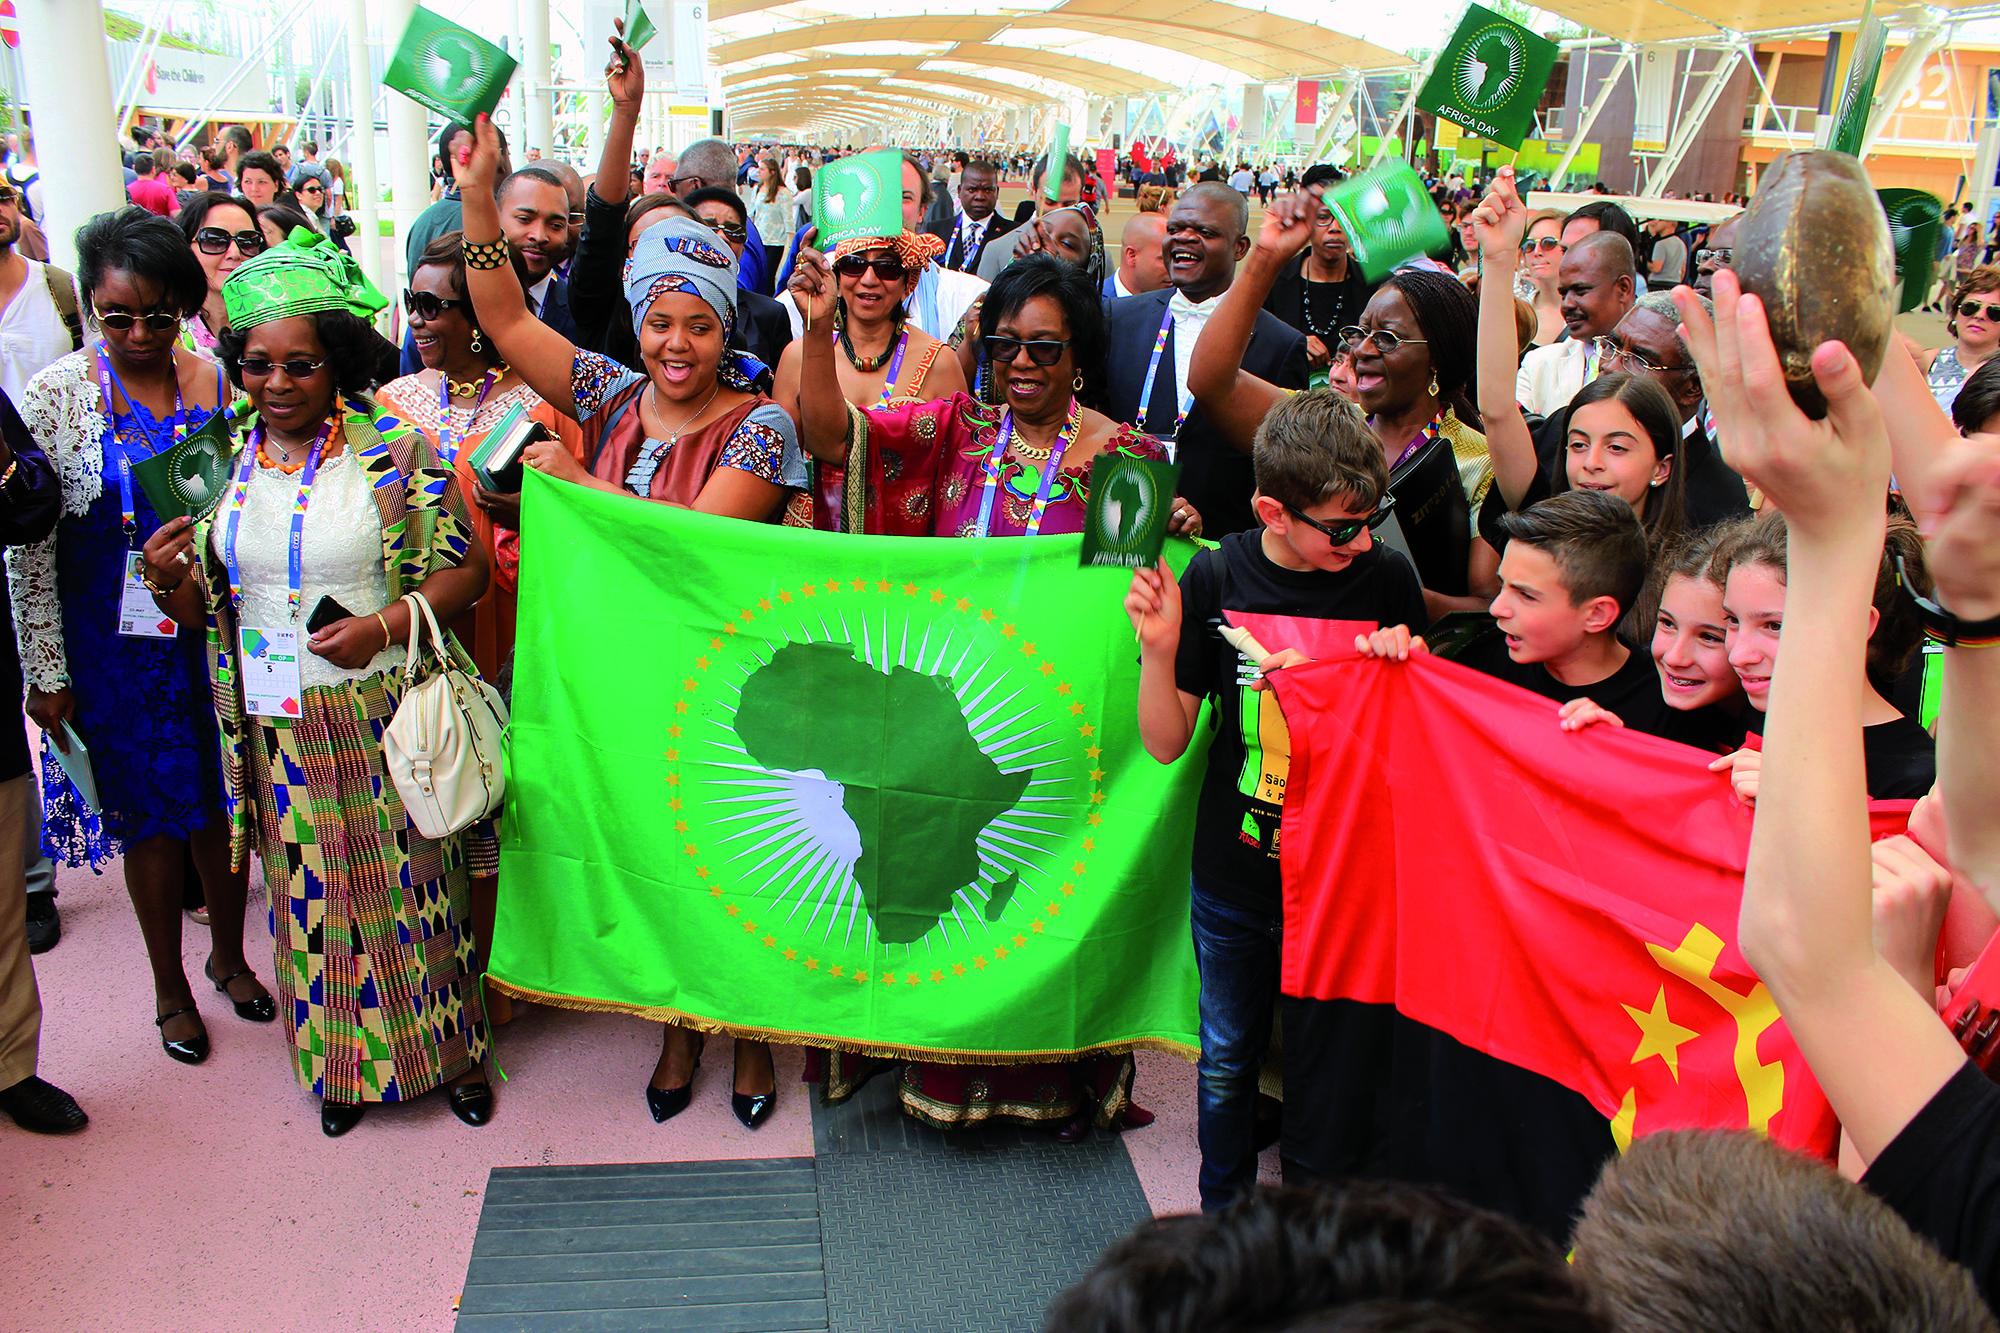 L'Africa day al padiglione dell'Angola